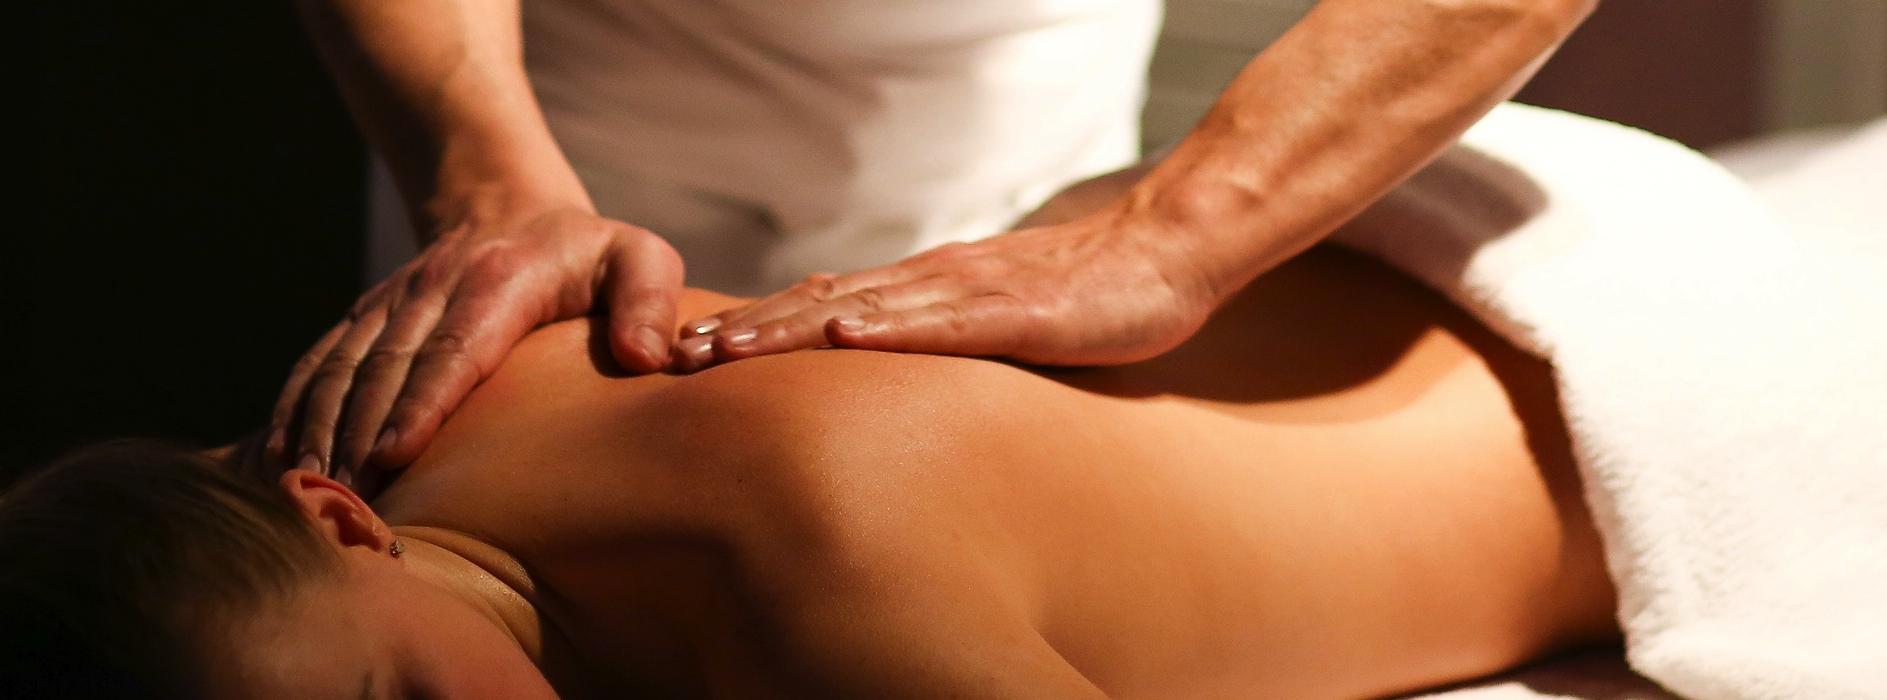 massage du dos - ecole de massage sensitif belge